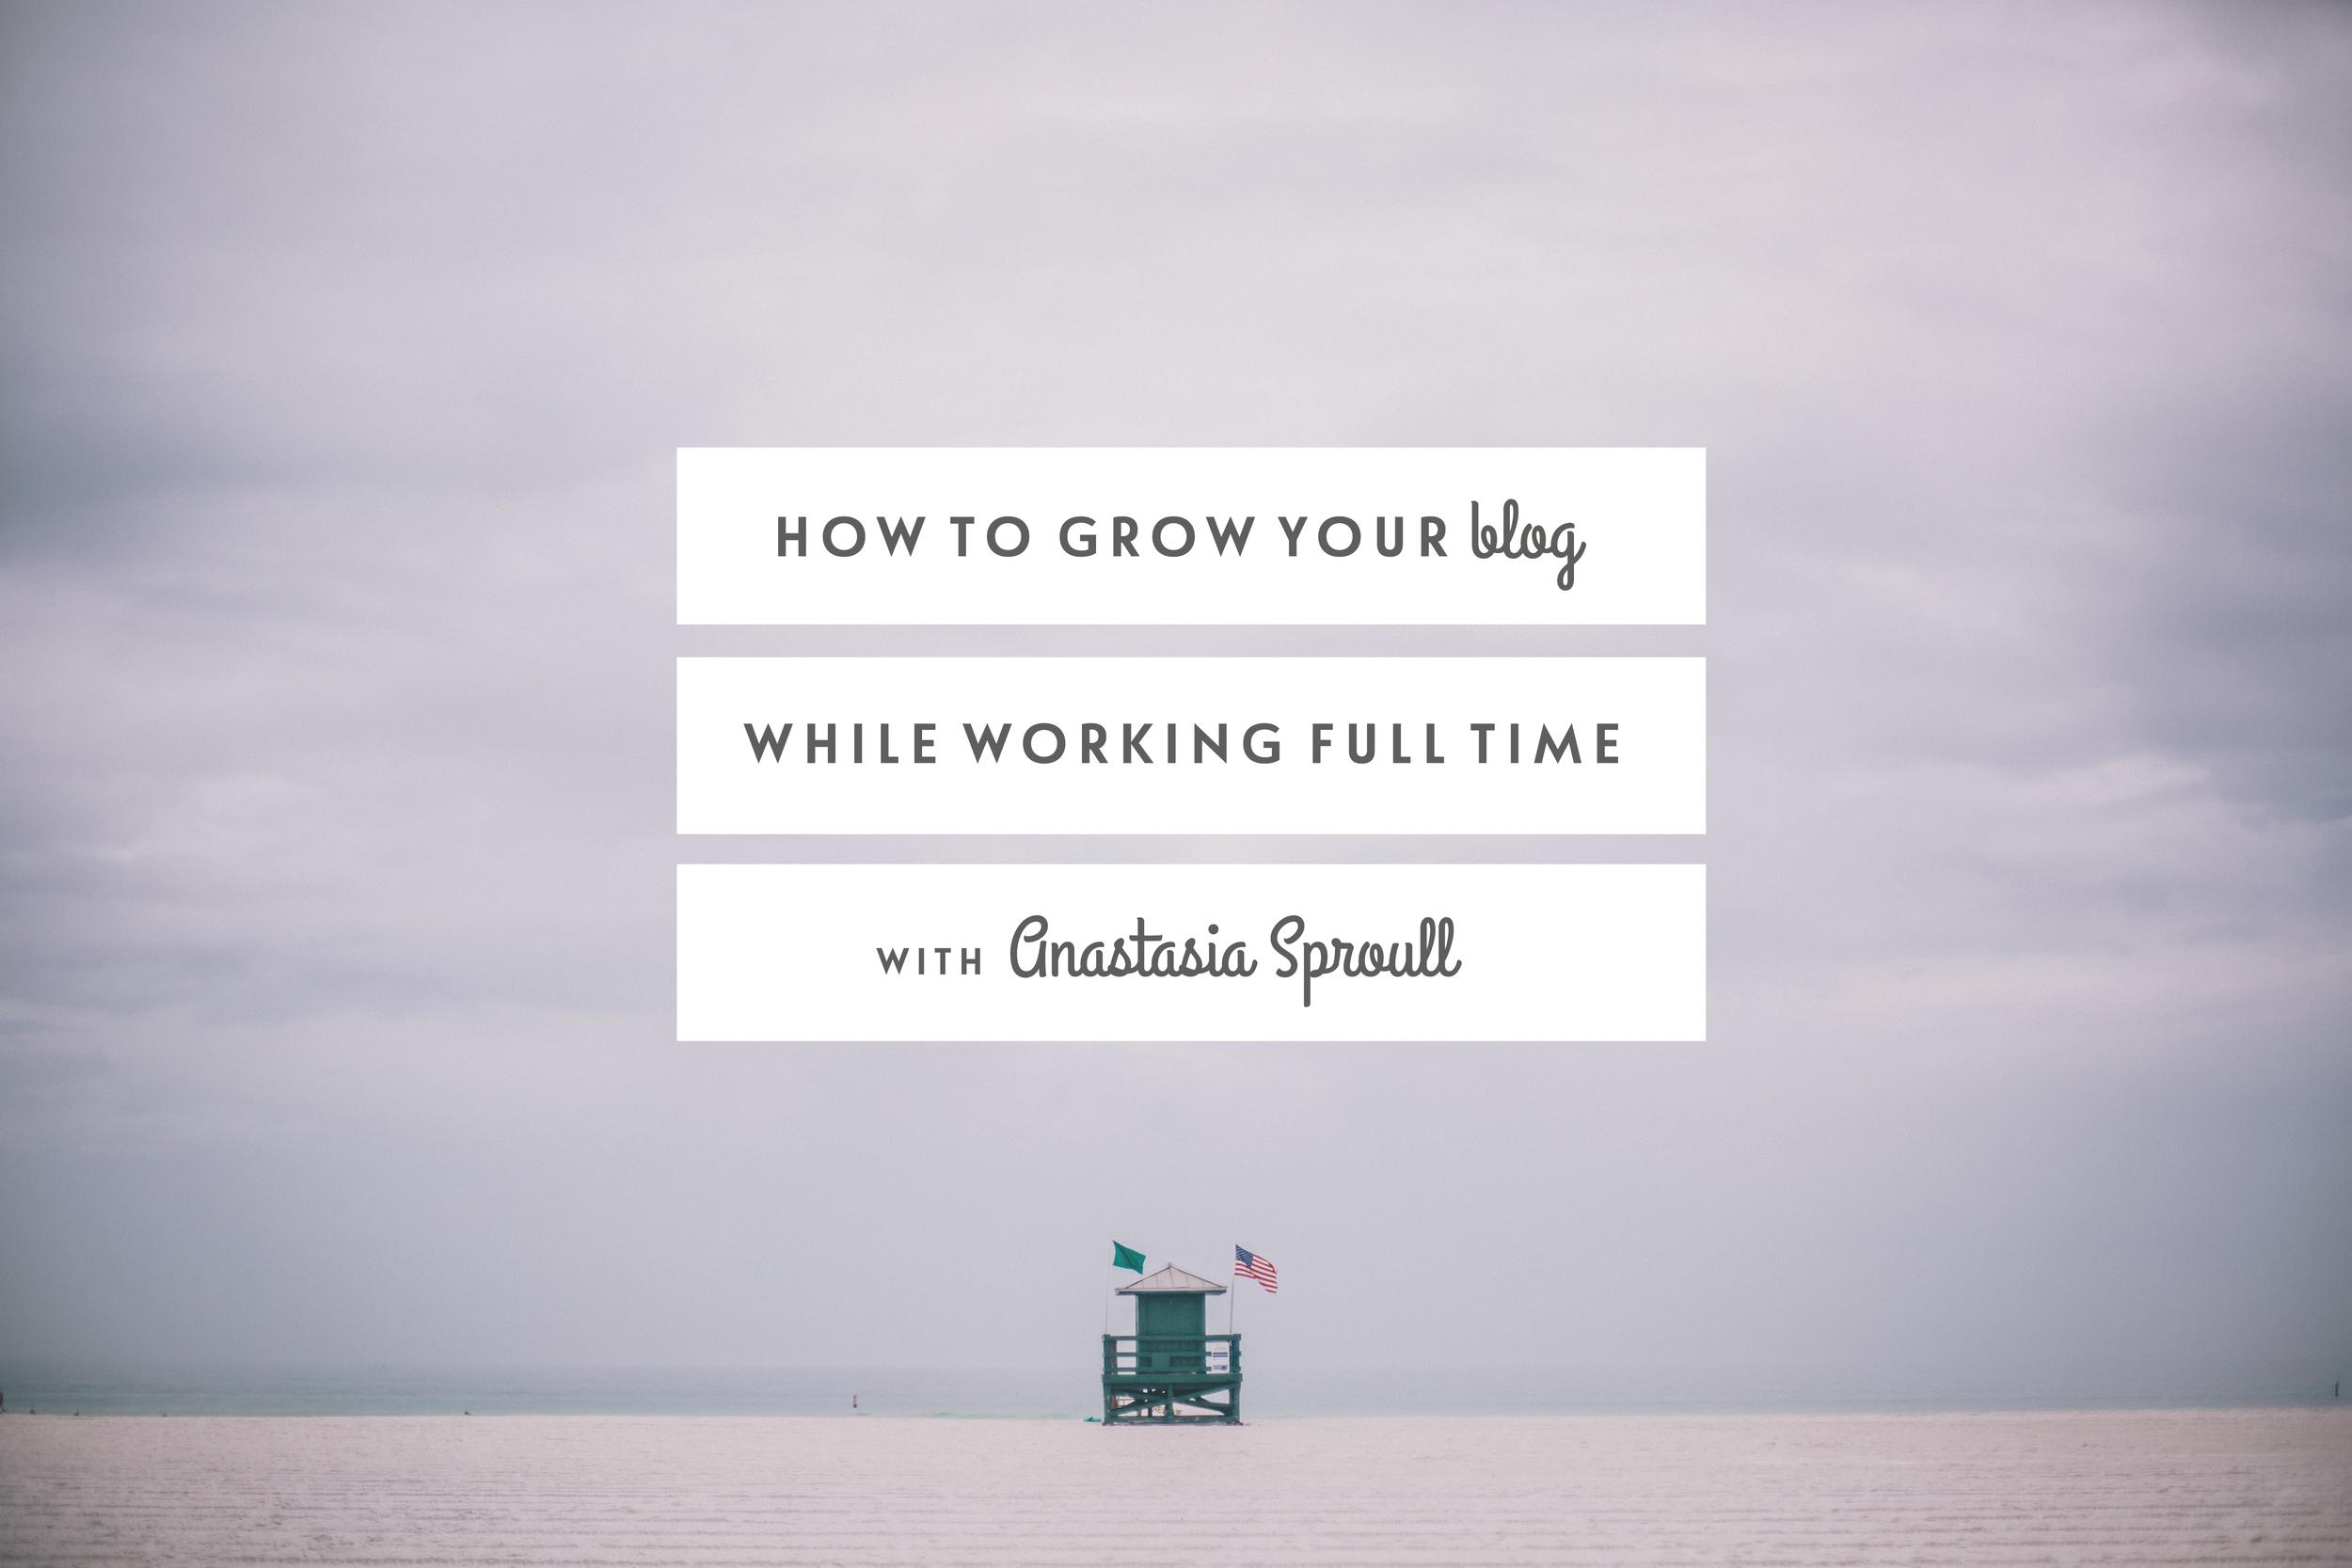 growblogworkingfulltime.jpg